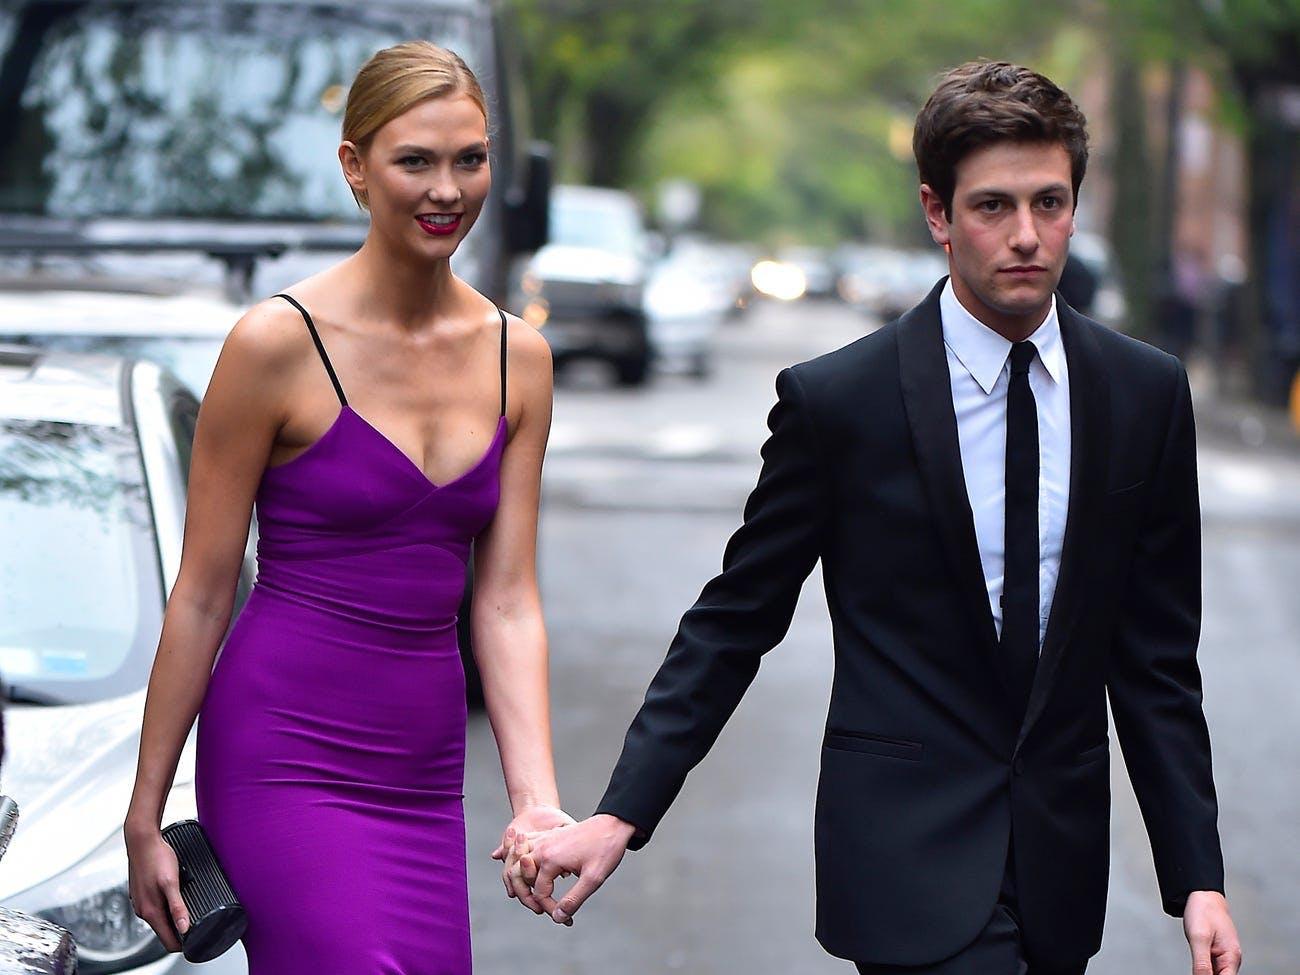 Karlie Kloss and Jared Kushner Date Night